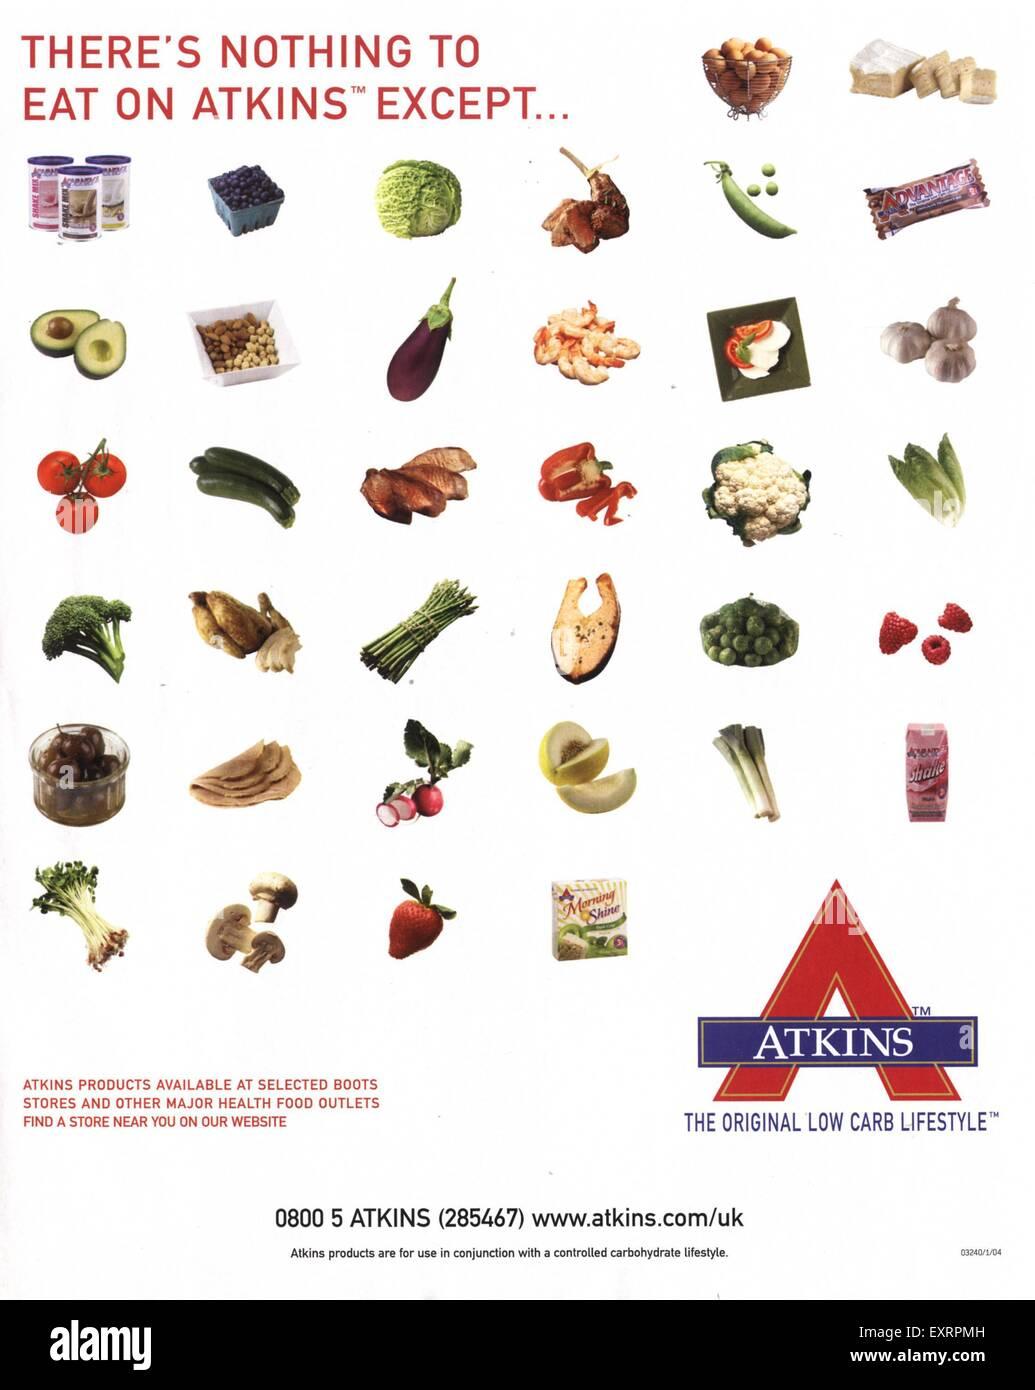 2000er Jahre Uk Die Atkins Diat Magazin Werbung Stockfoto Bild